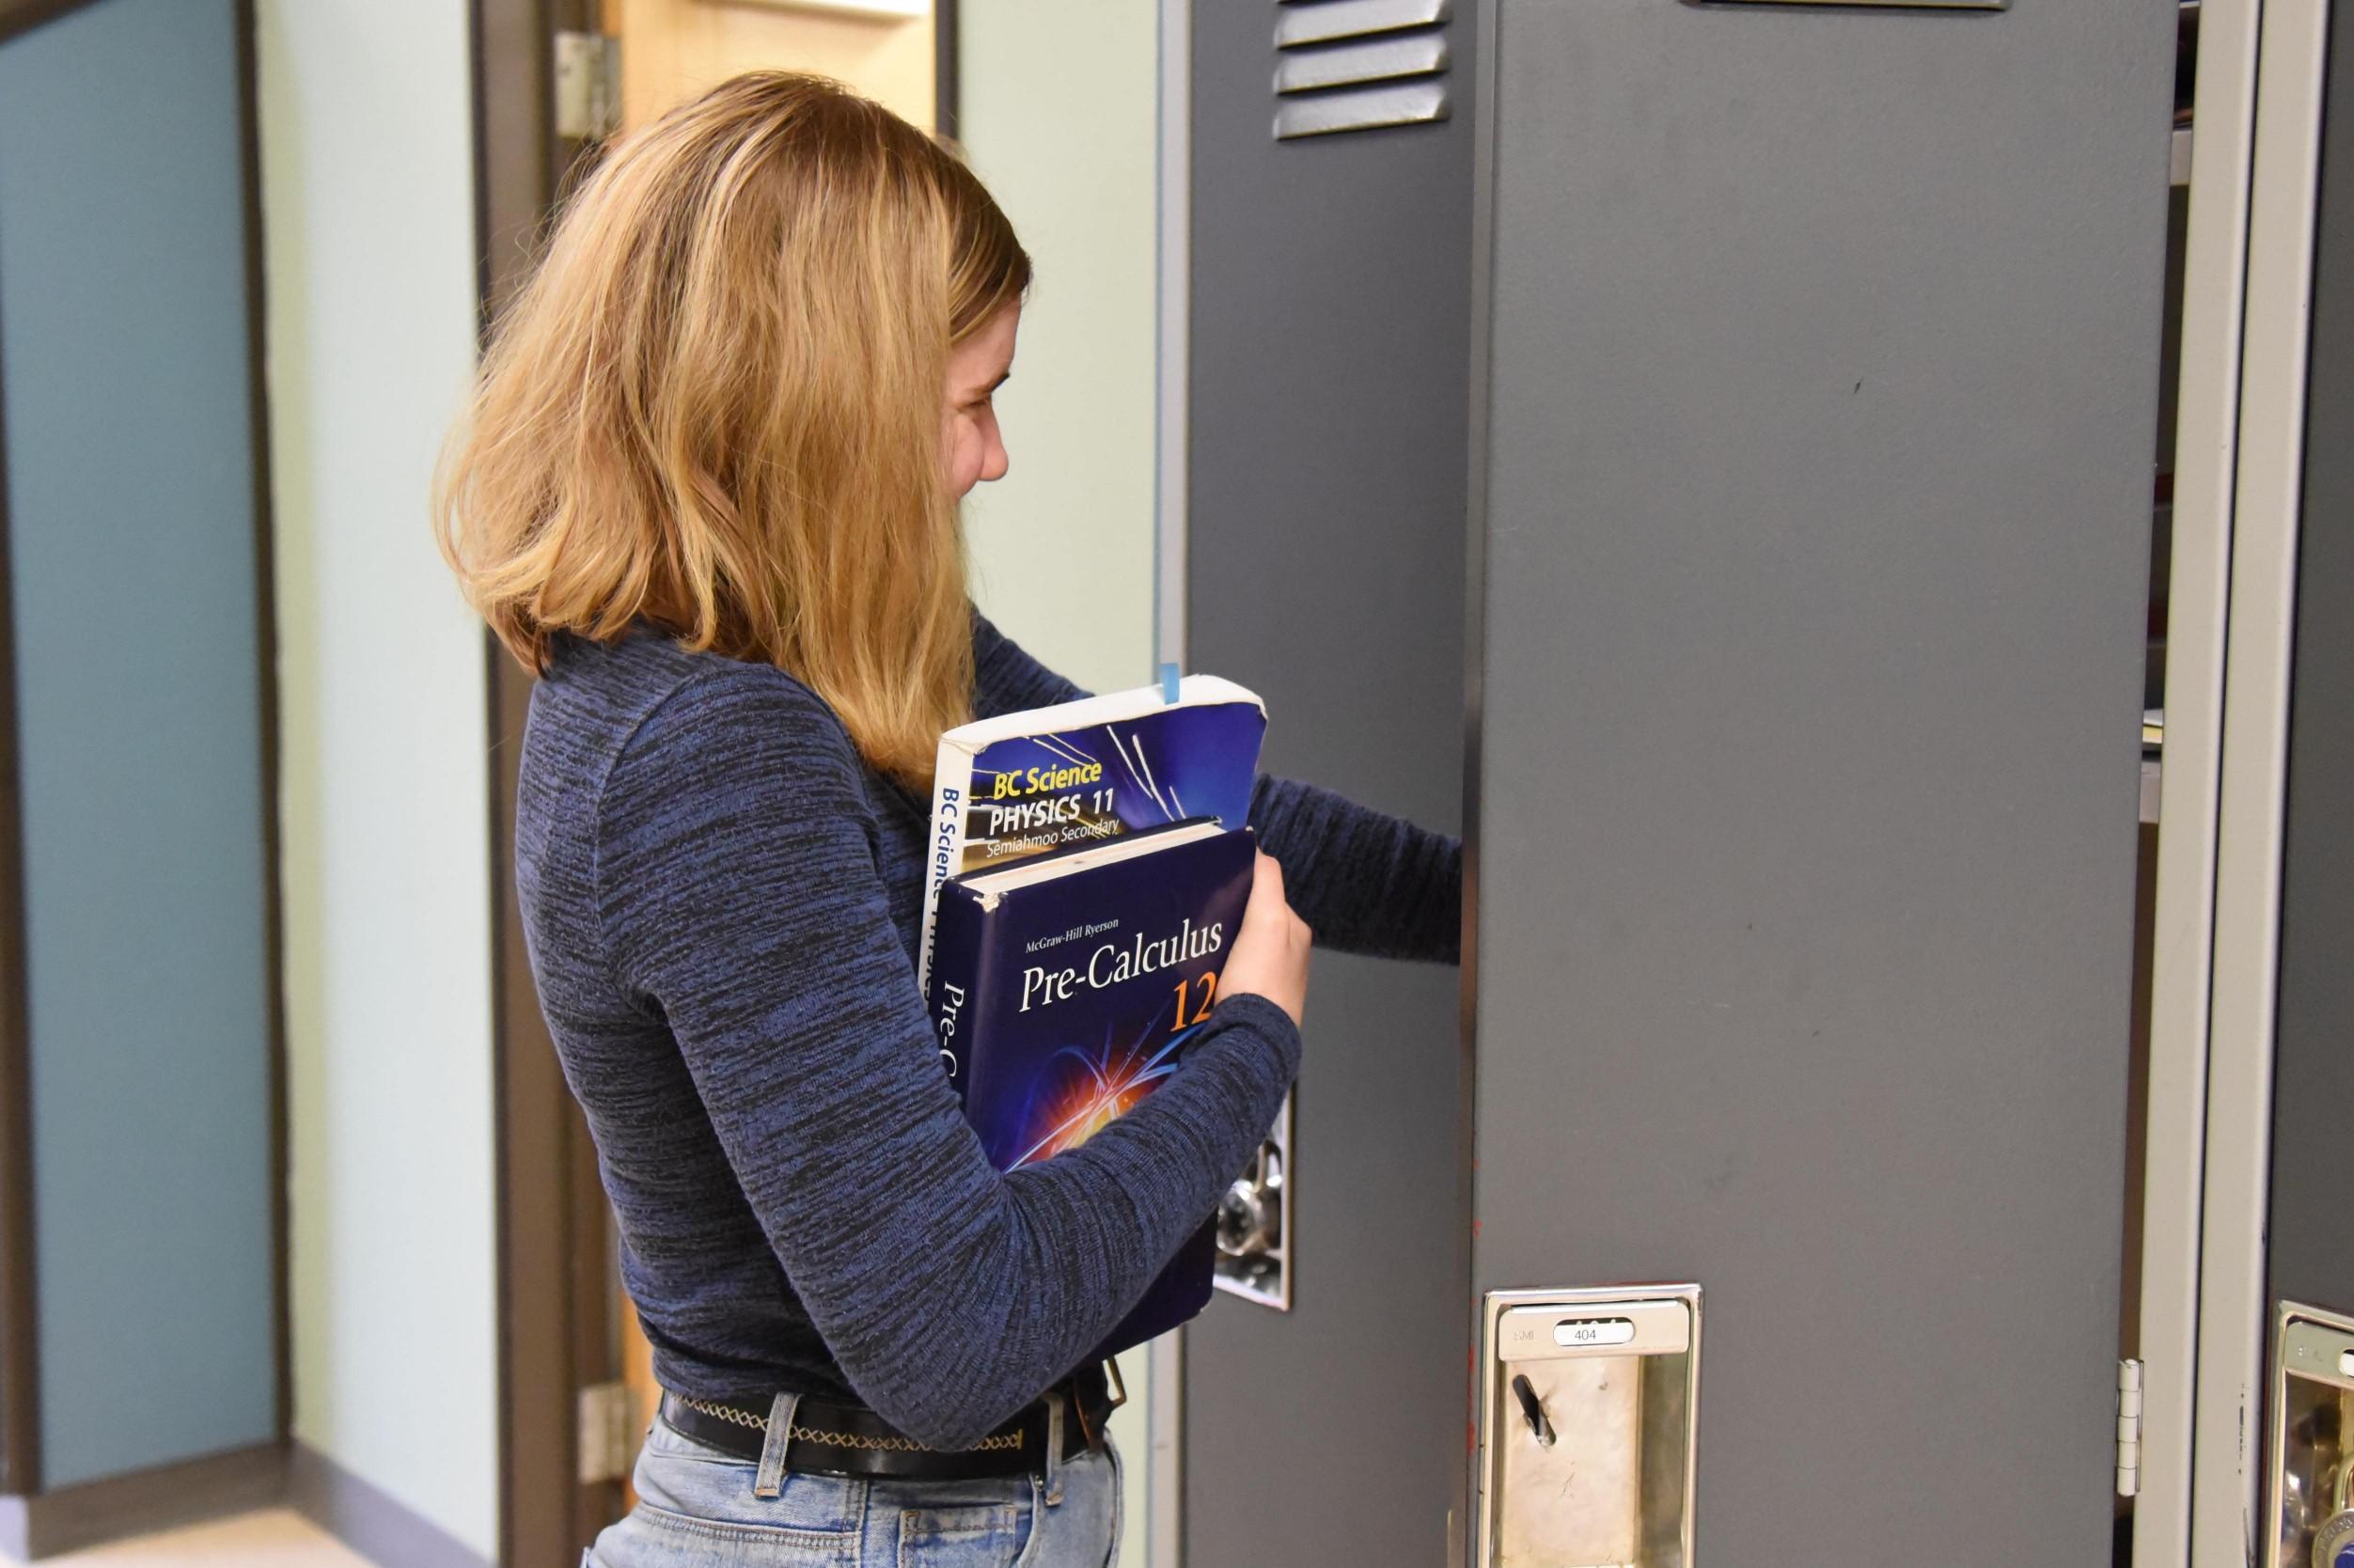 une jeune femme préparant son sac pour aller en cours au collège